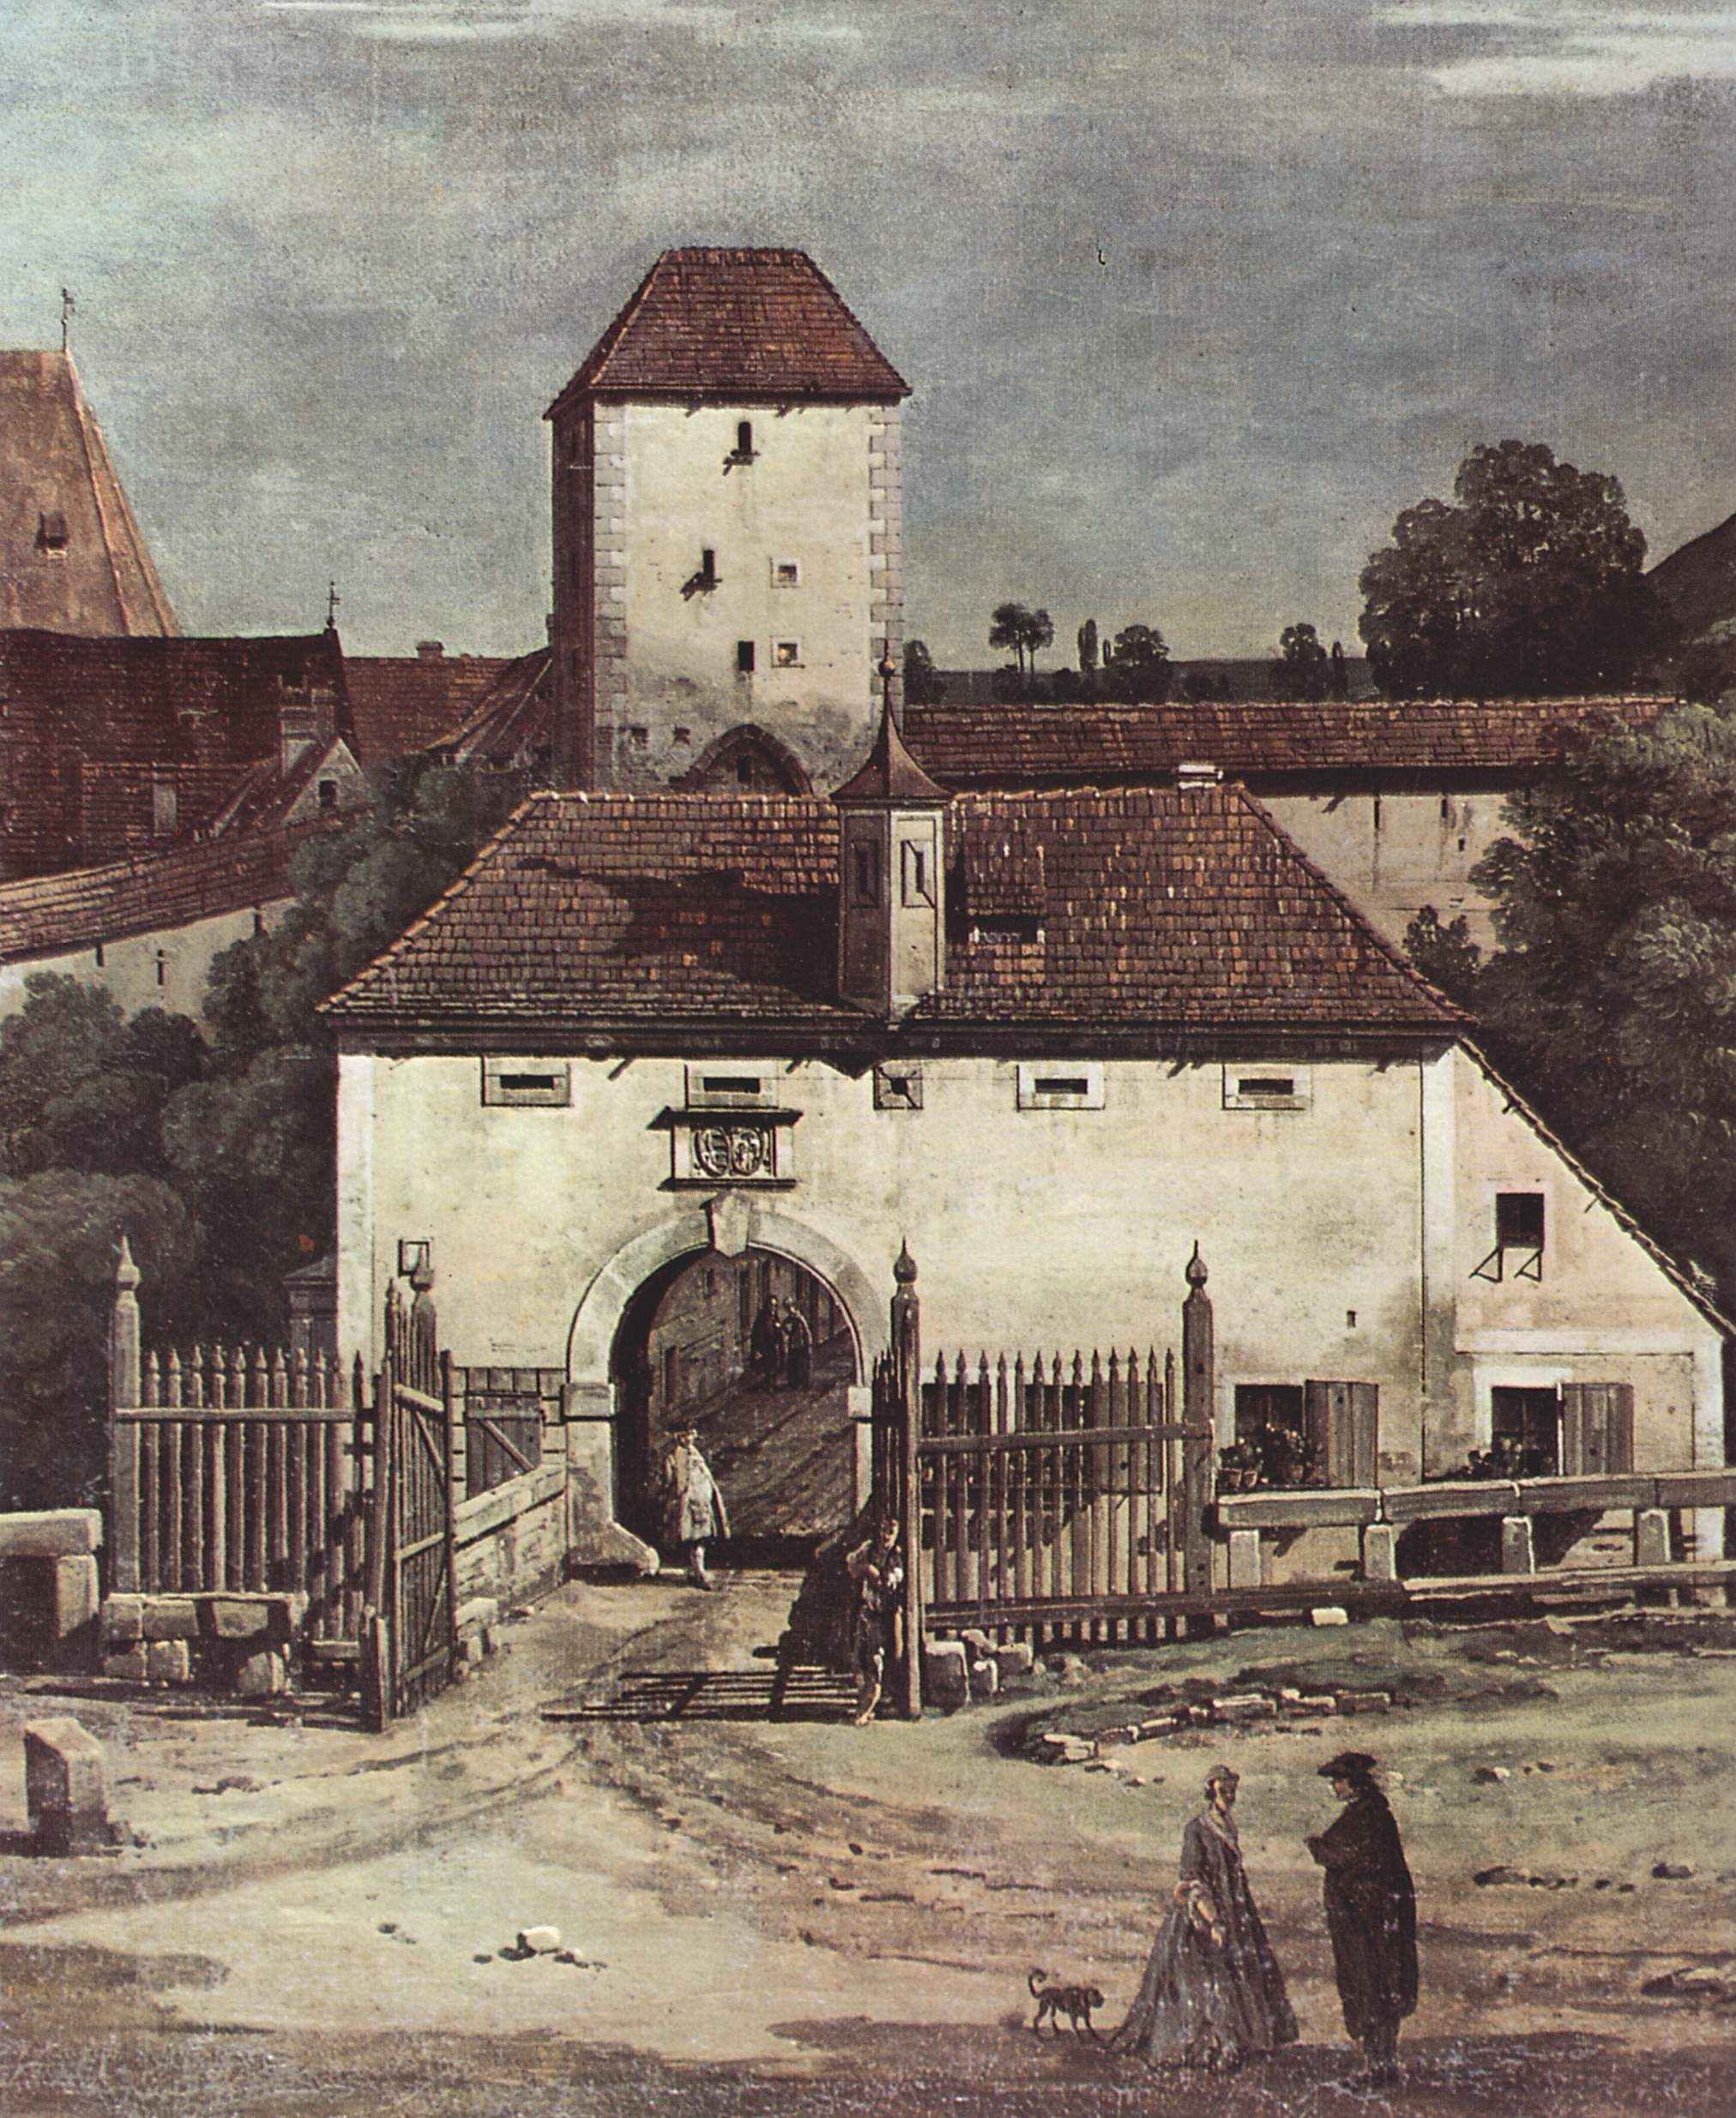 Вид Пирны с южной стороны. Крепостные укрепления и Верхние (городские) ворота. Деталь, Джованни Антонио Каналетто 1